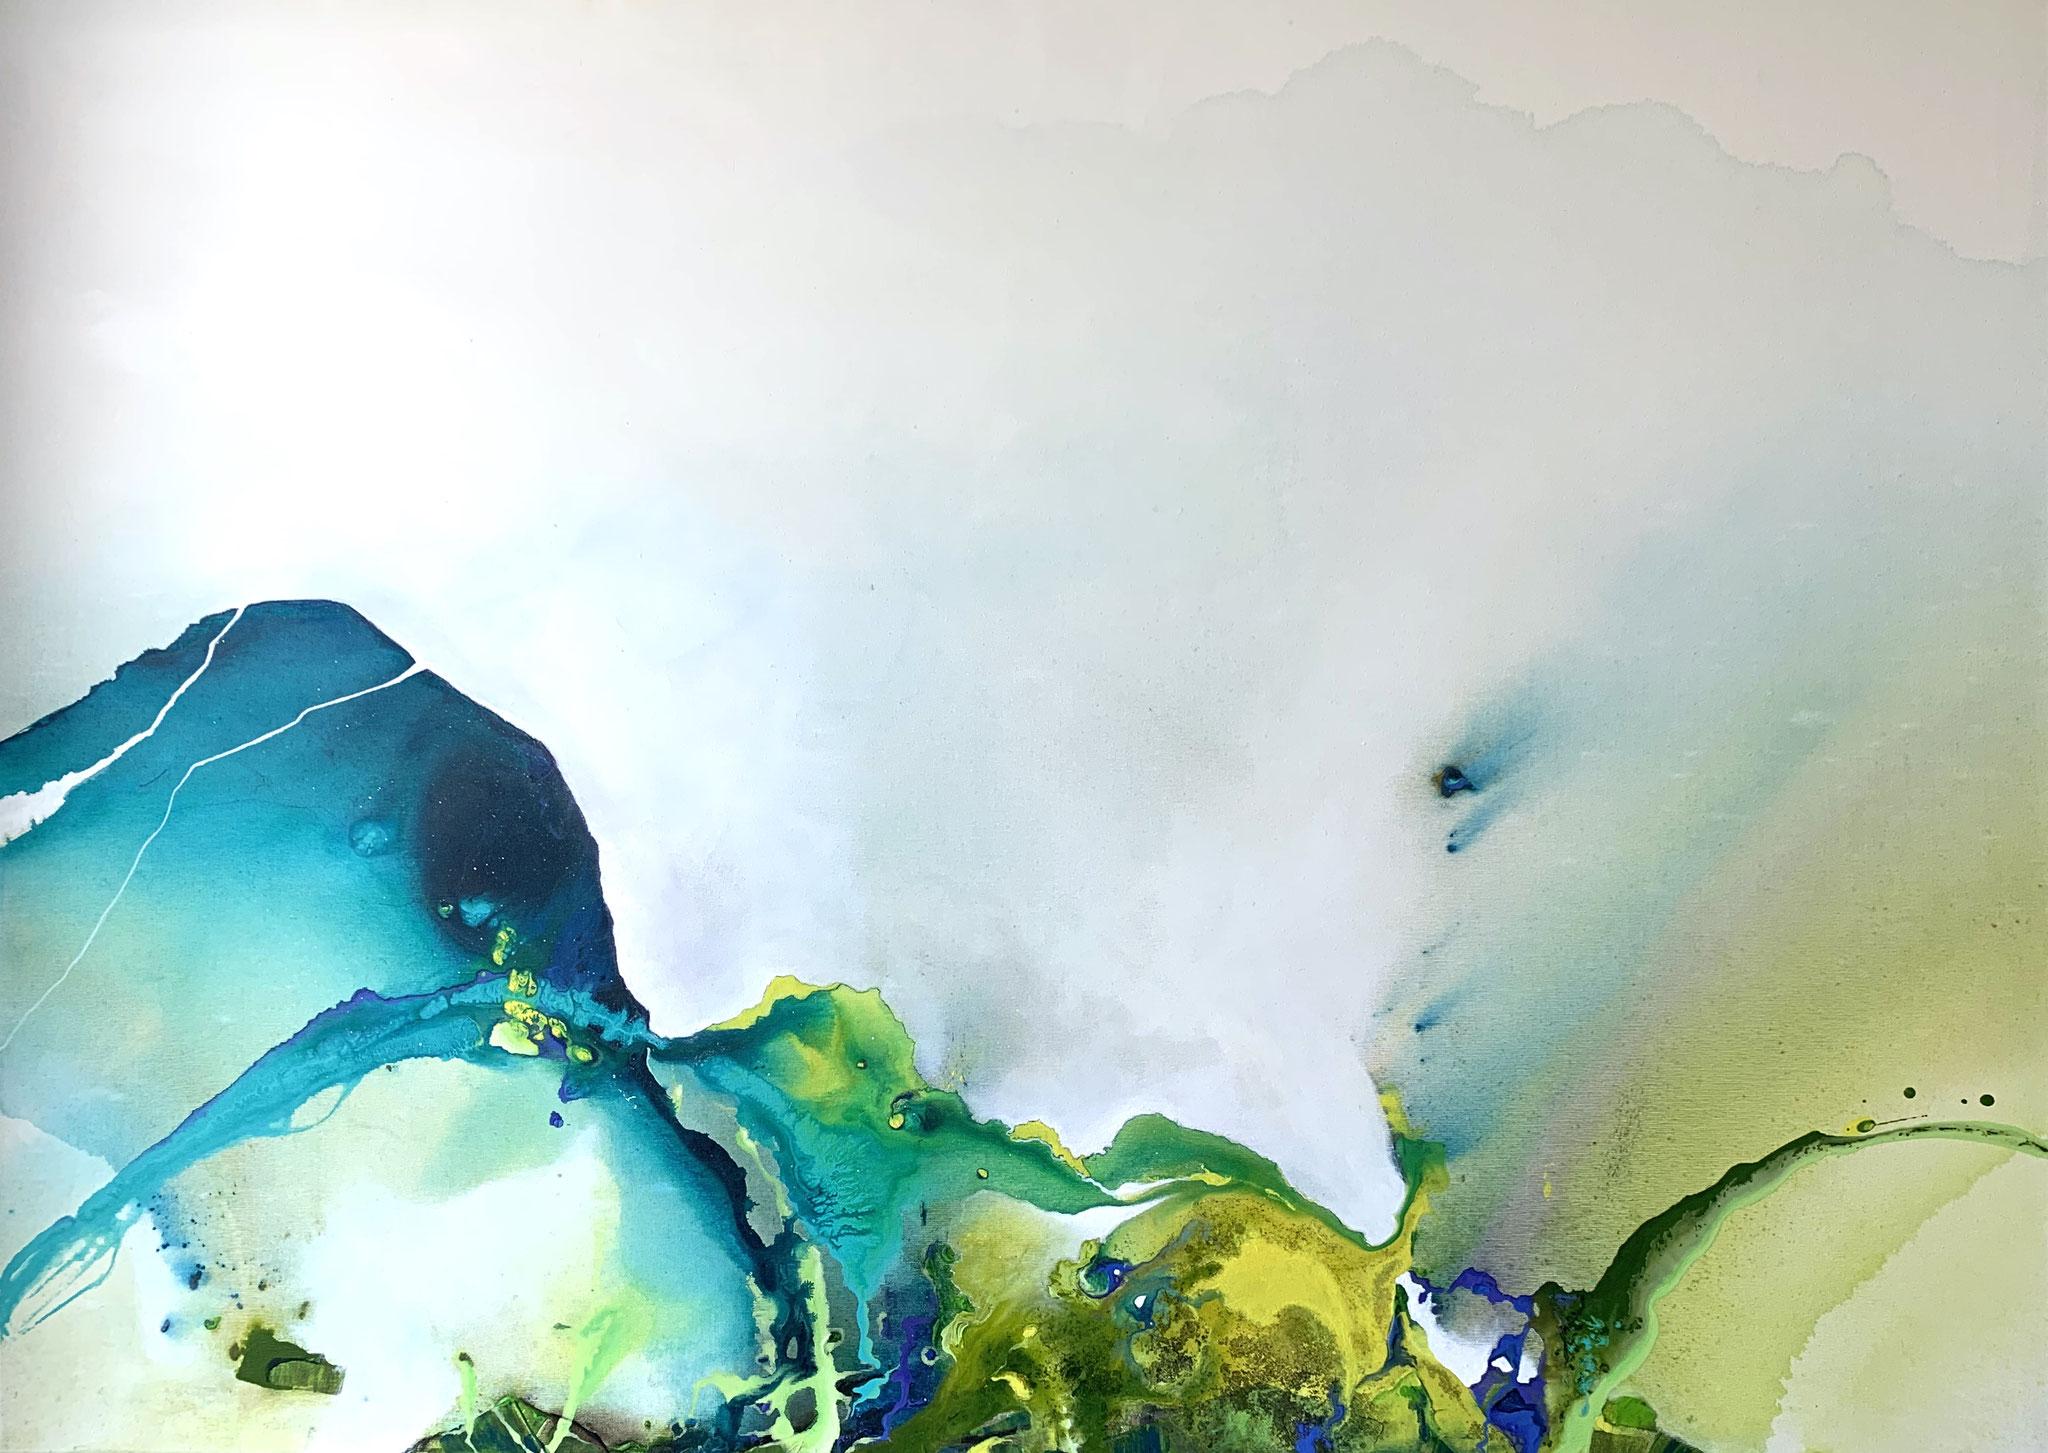 Ereignishorizont, Acryl auf Leinwand, 140 x 100 cm